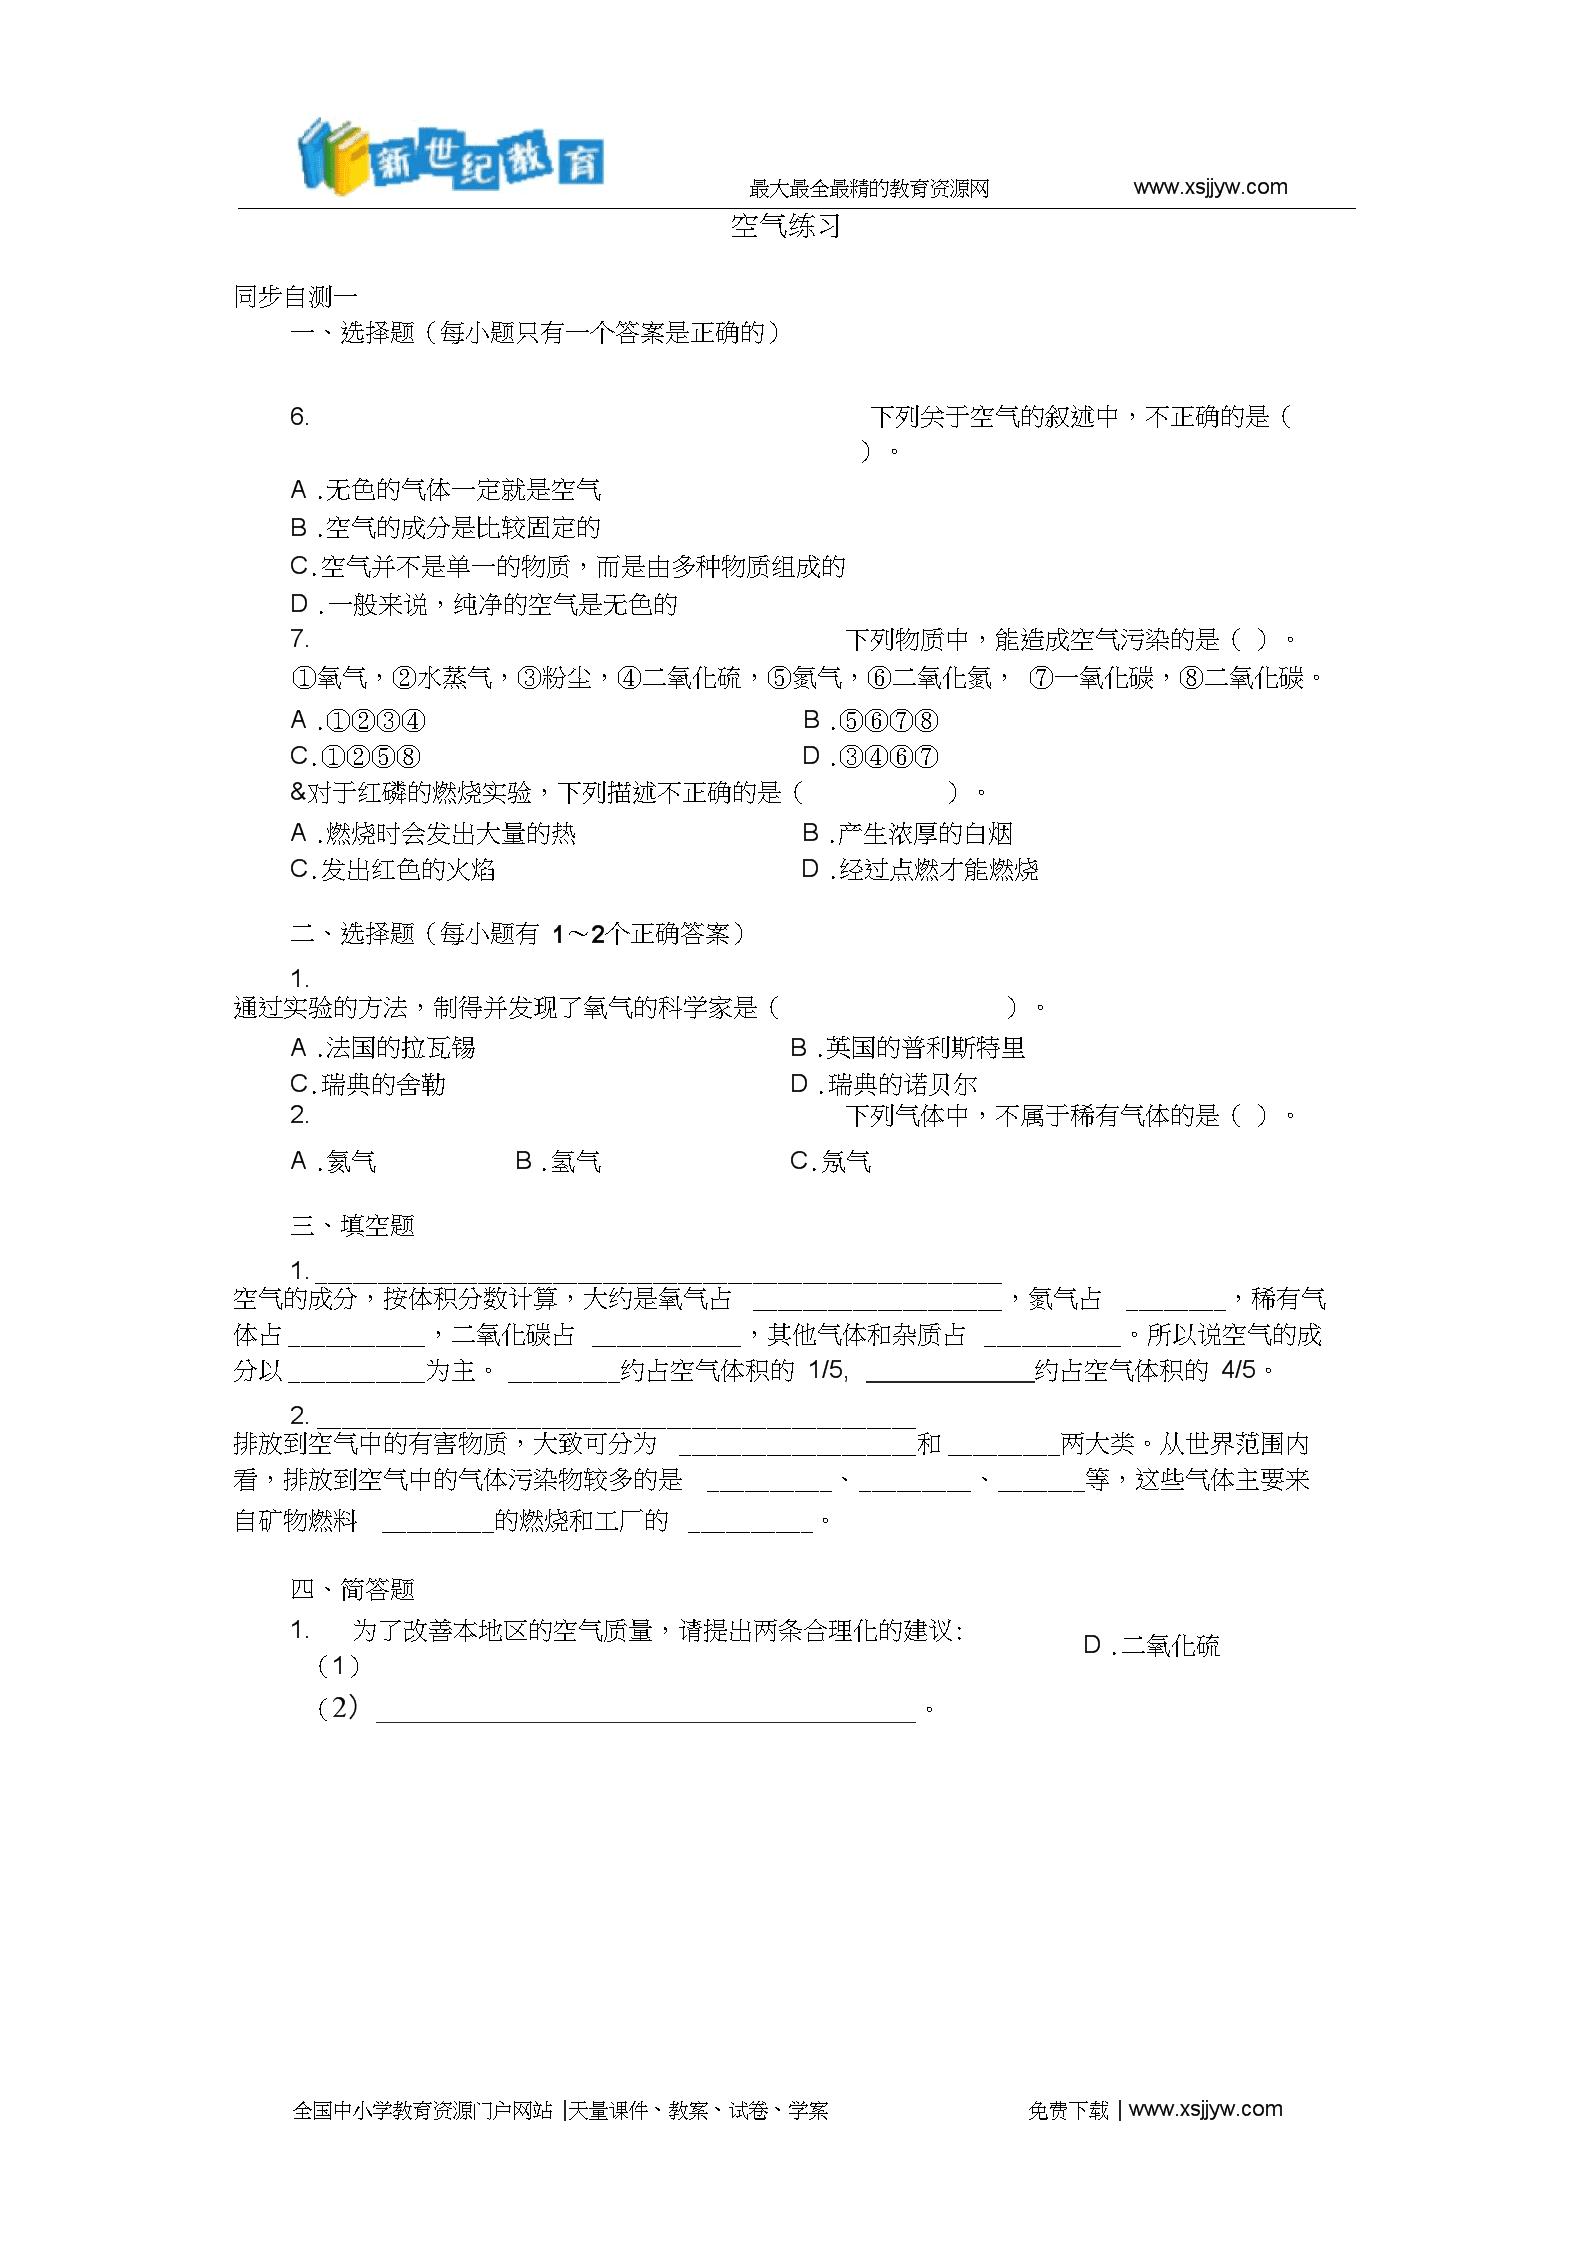 空气同步自测.docx